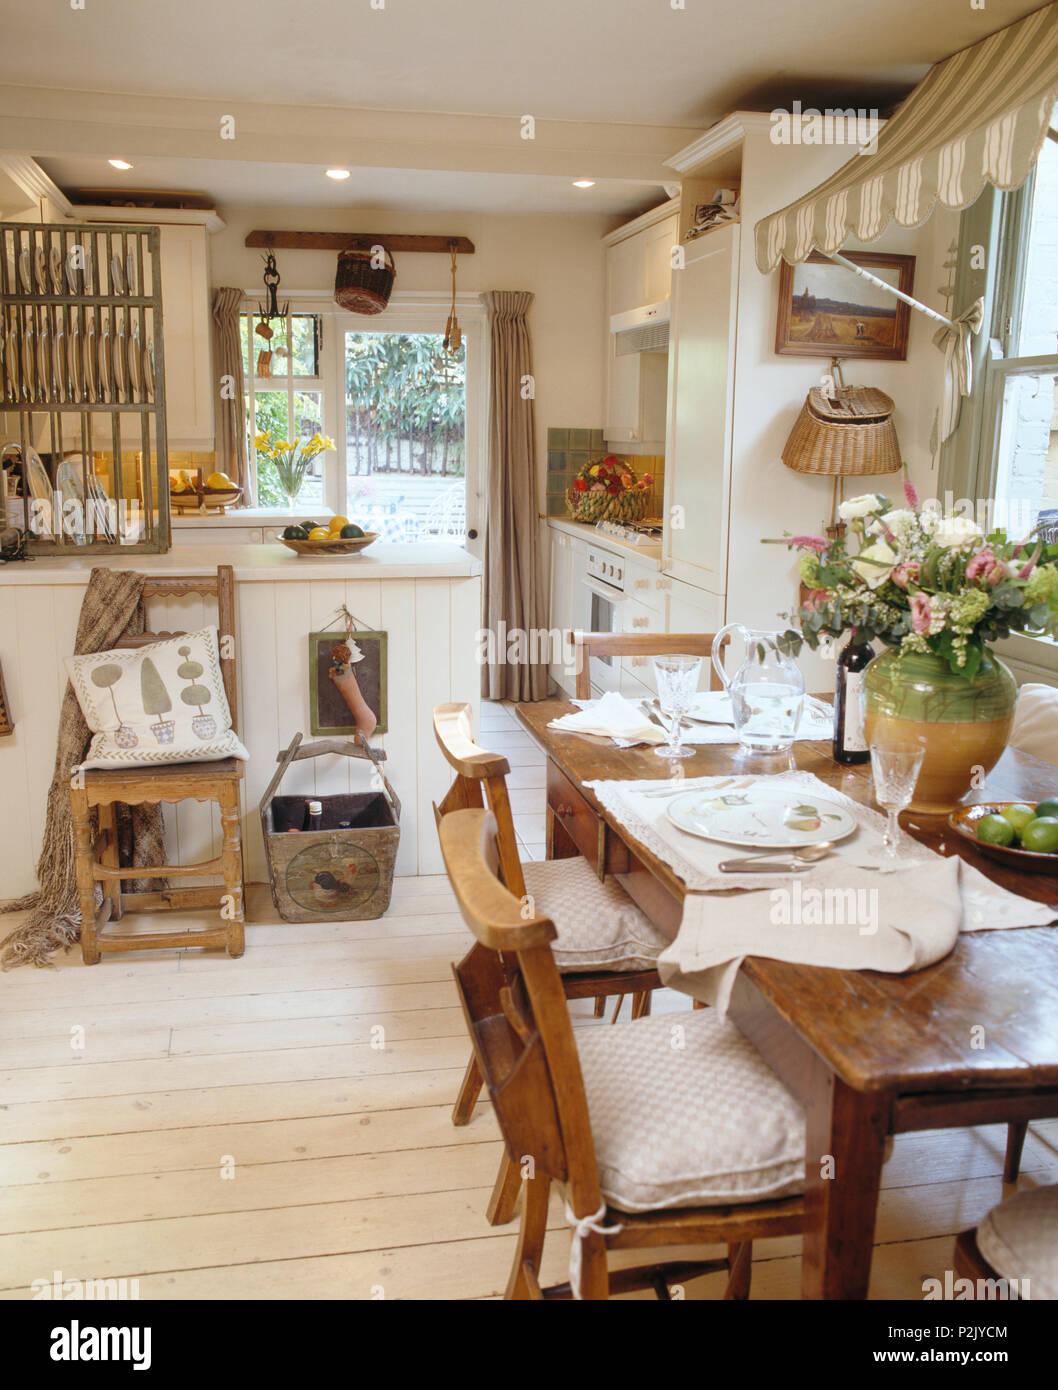 Alte Kapelle Stühle an einfachen Holztisch im Land Küche Esszimmer ...